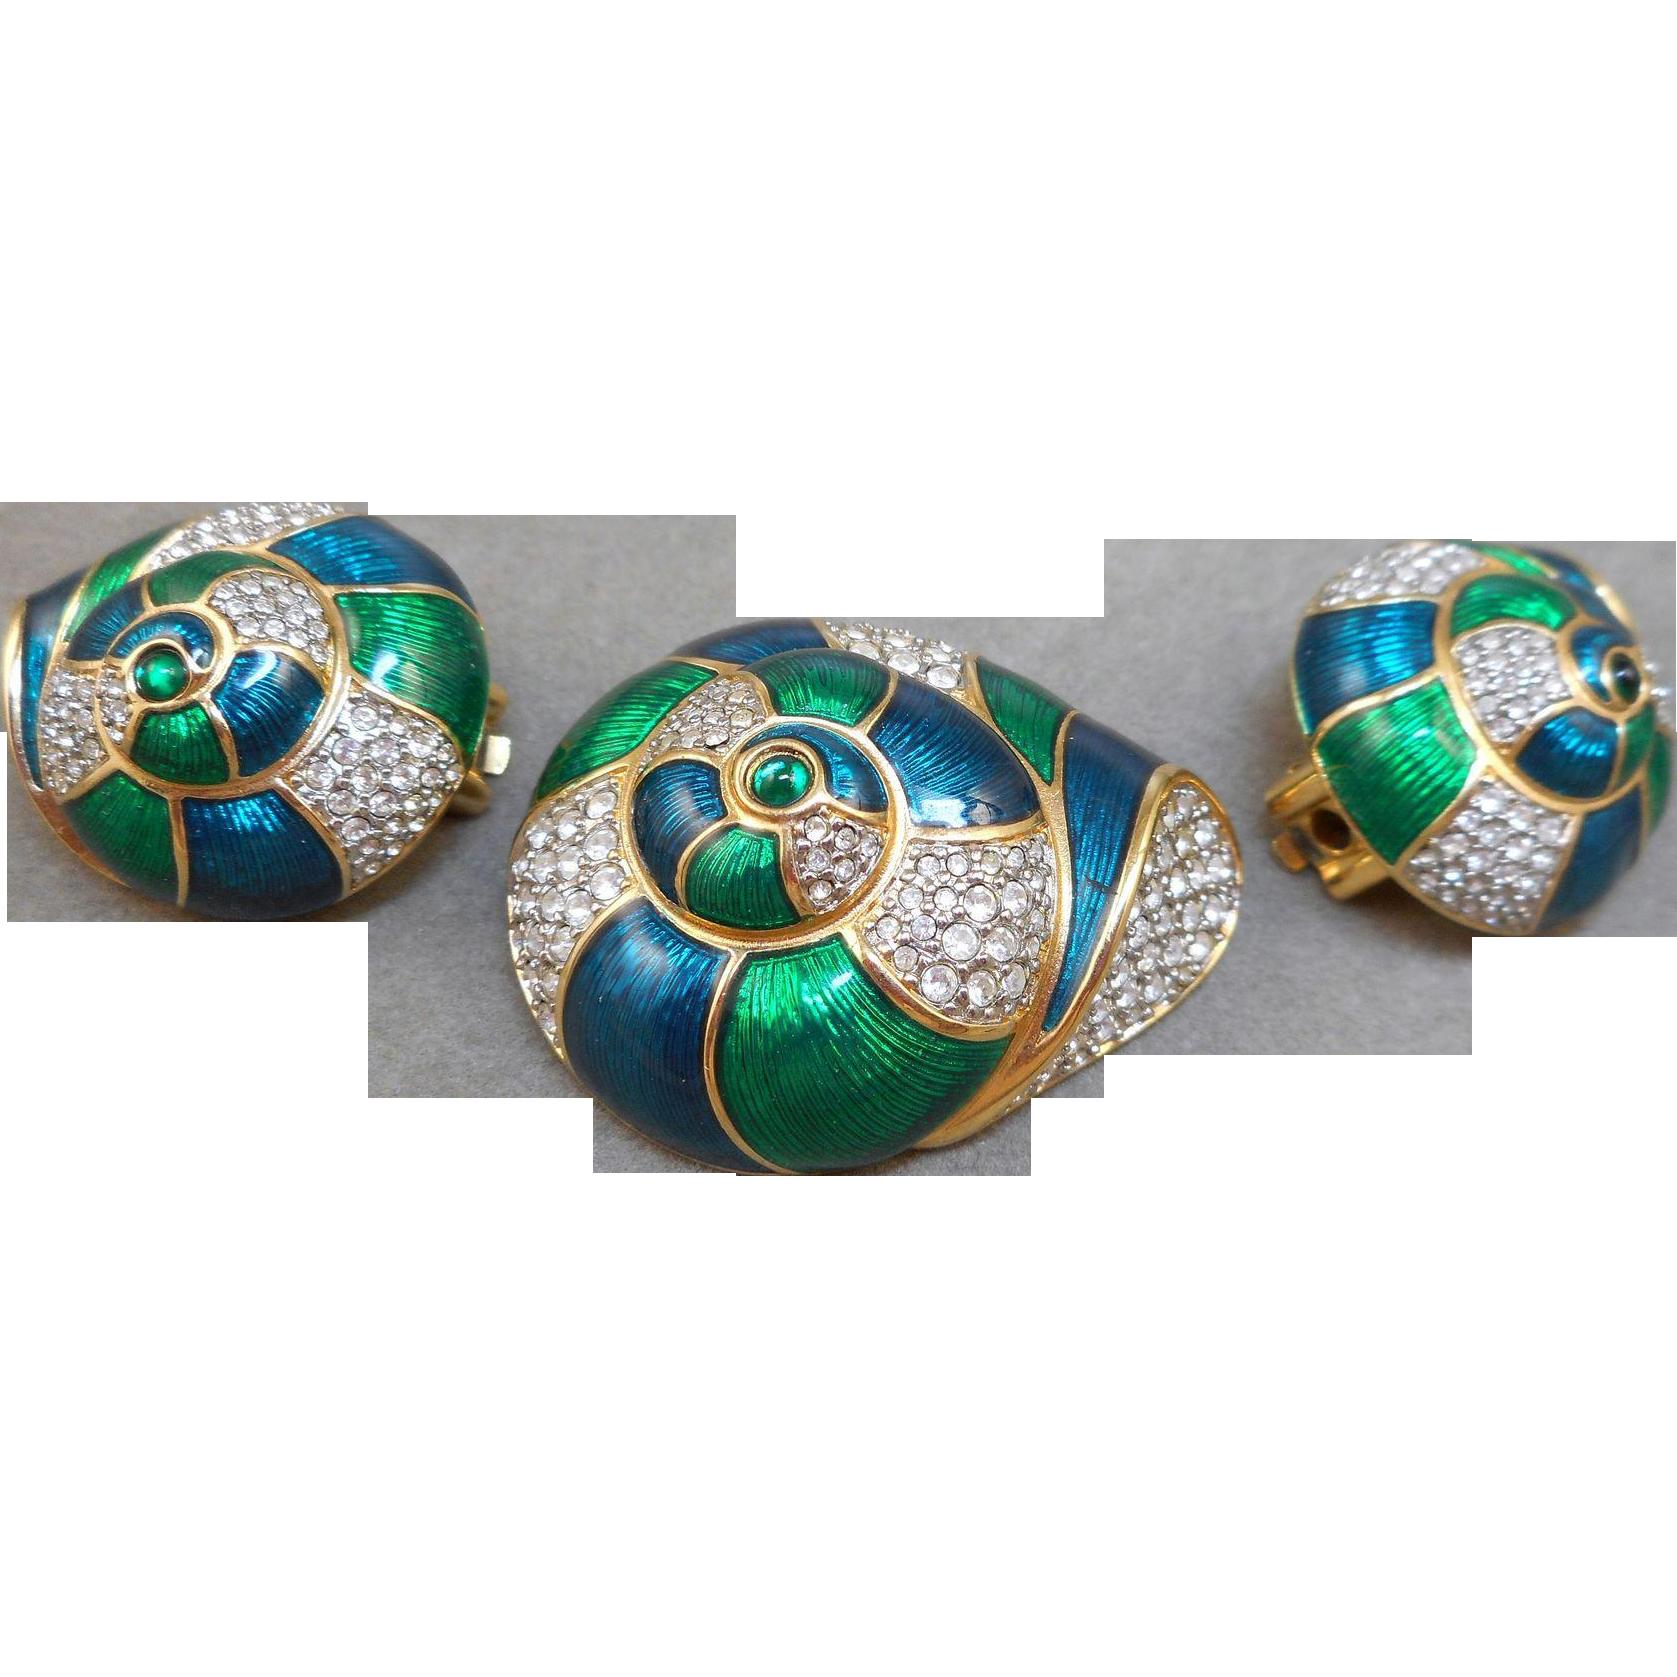 Swarovski Shell Brooch Earrings Set